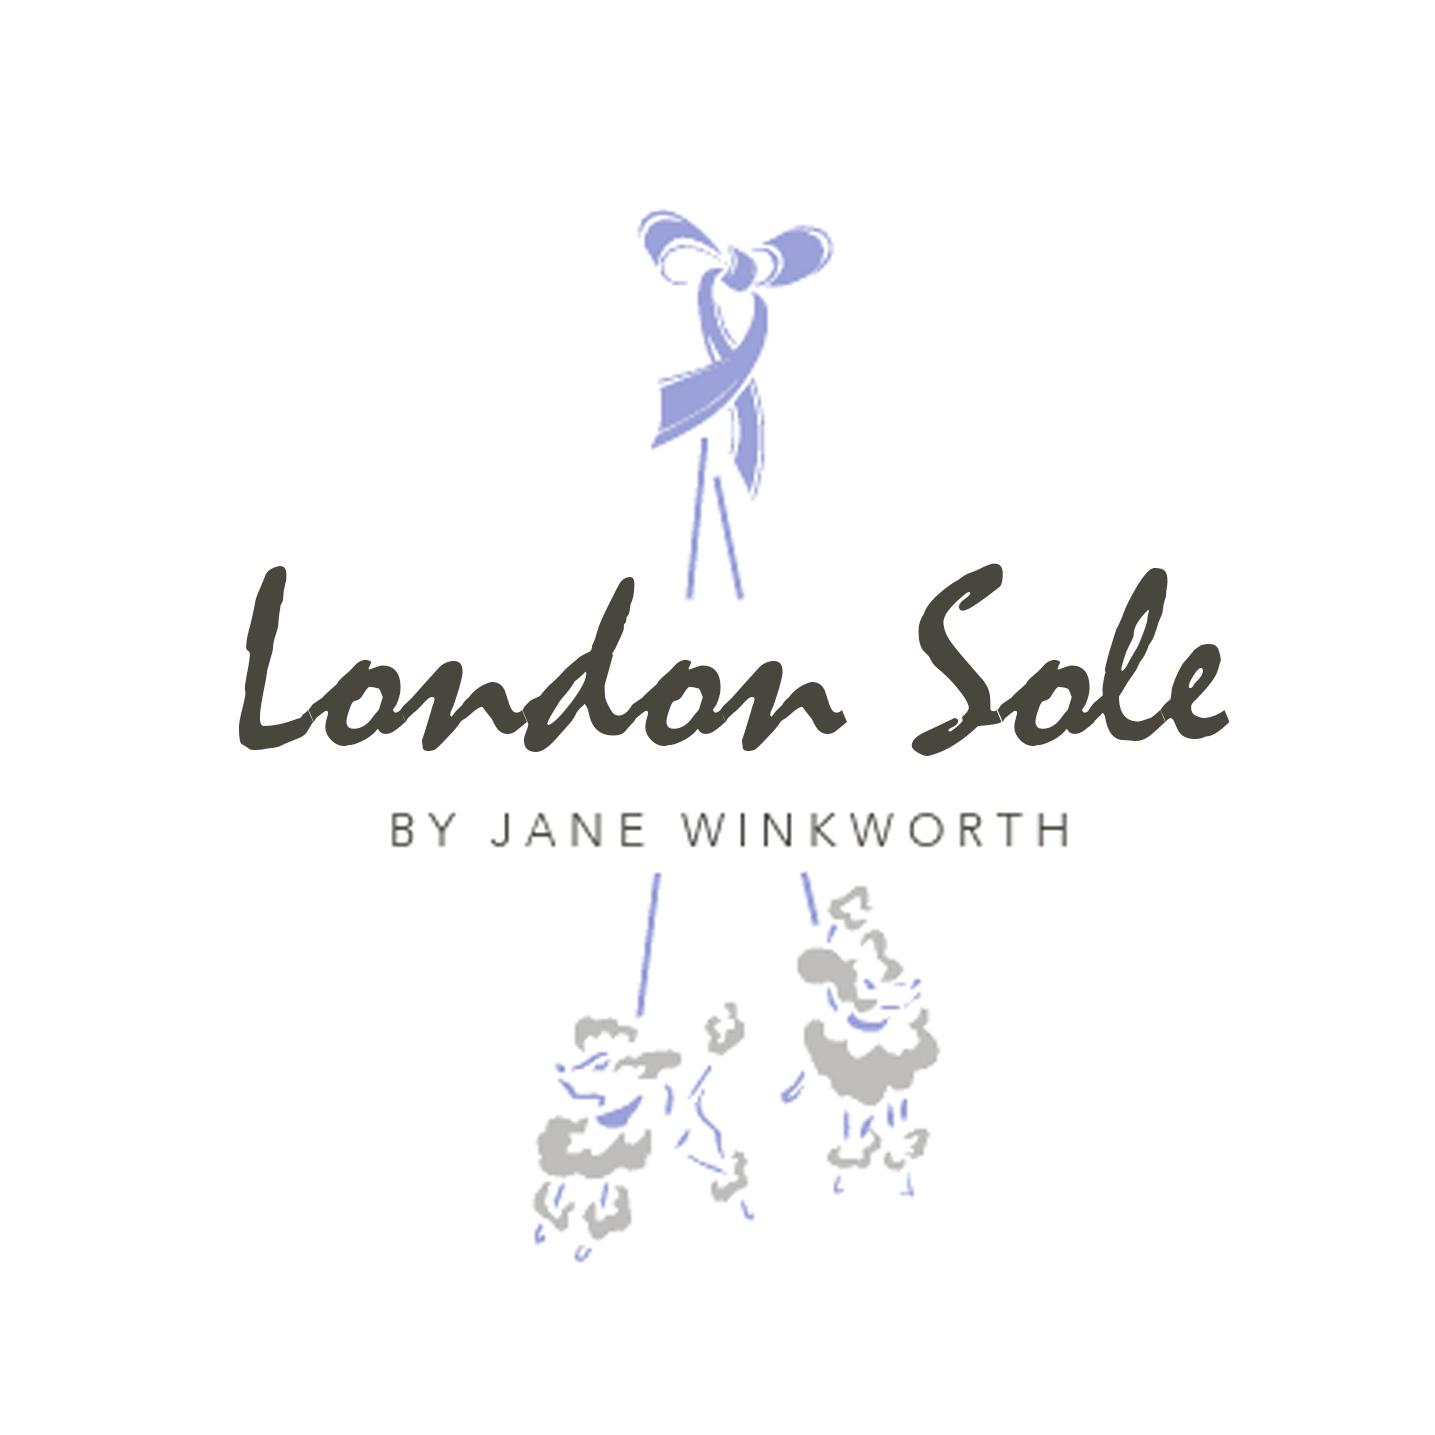 London Sole